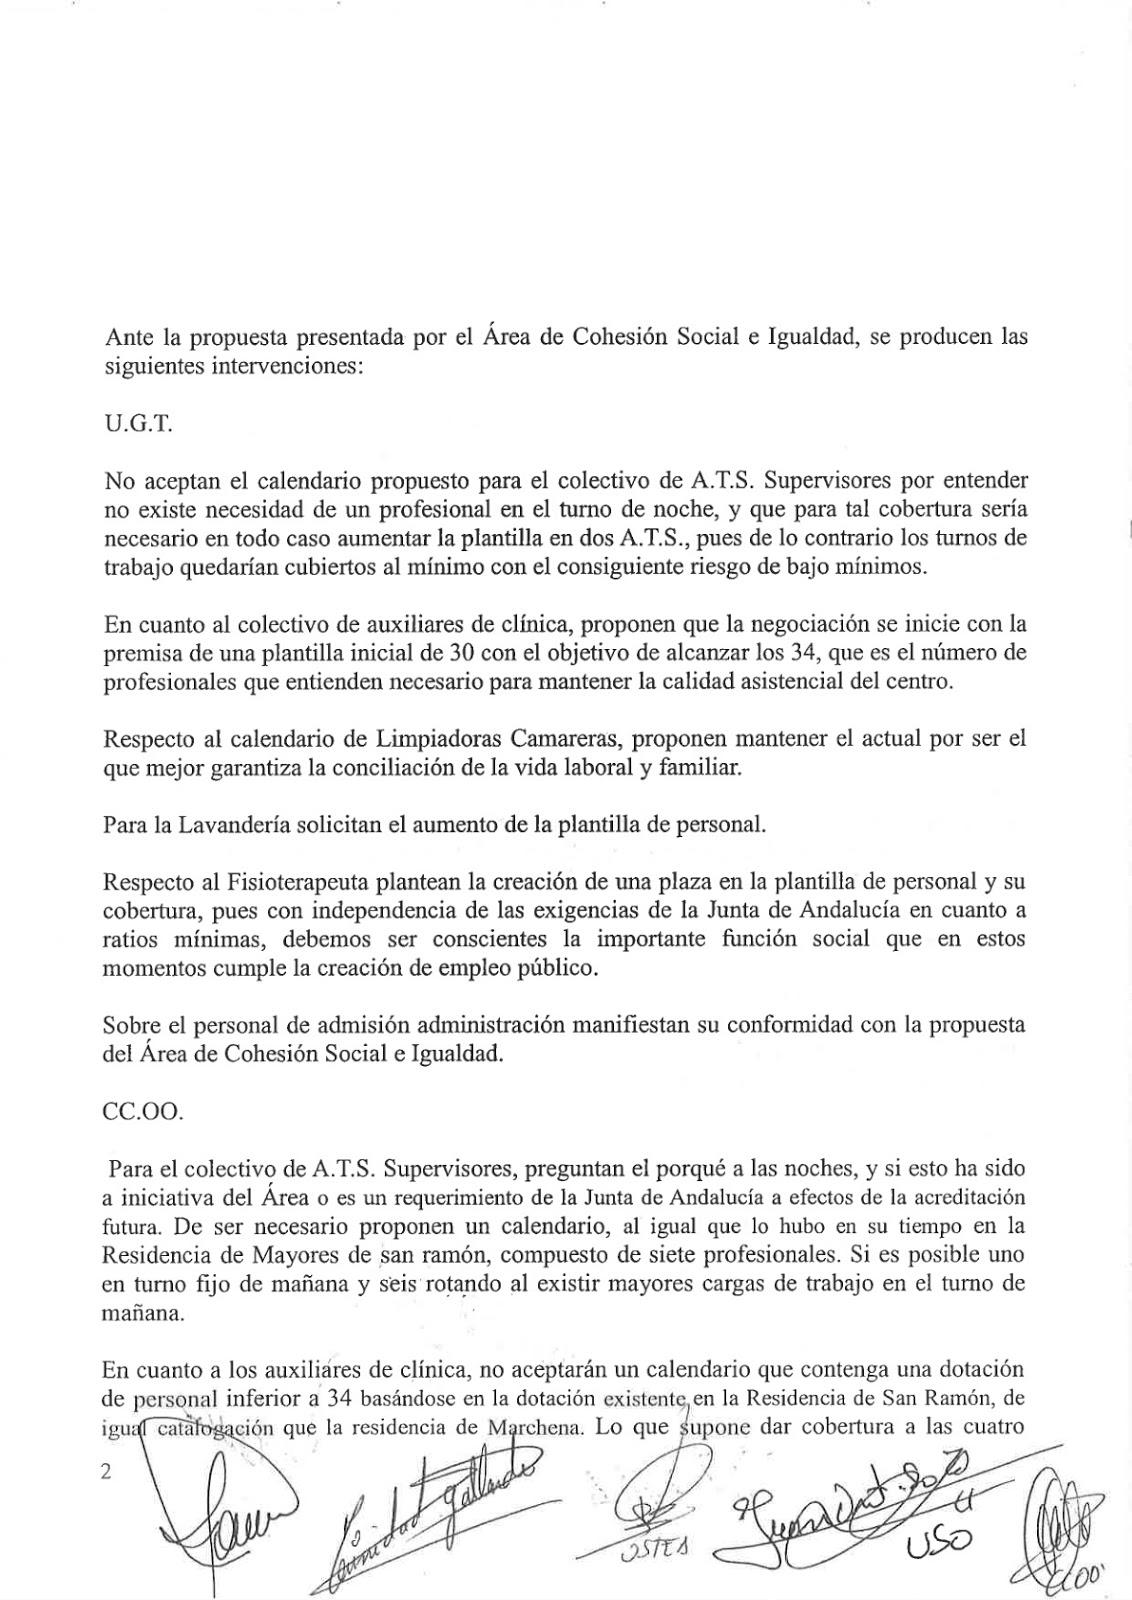 UNIÓN SINDICAL OBRERA DIPUTACIÓN DE SEVILLA: ACTA SEGUNDA REUNIÓN ...